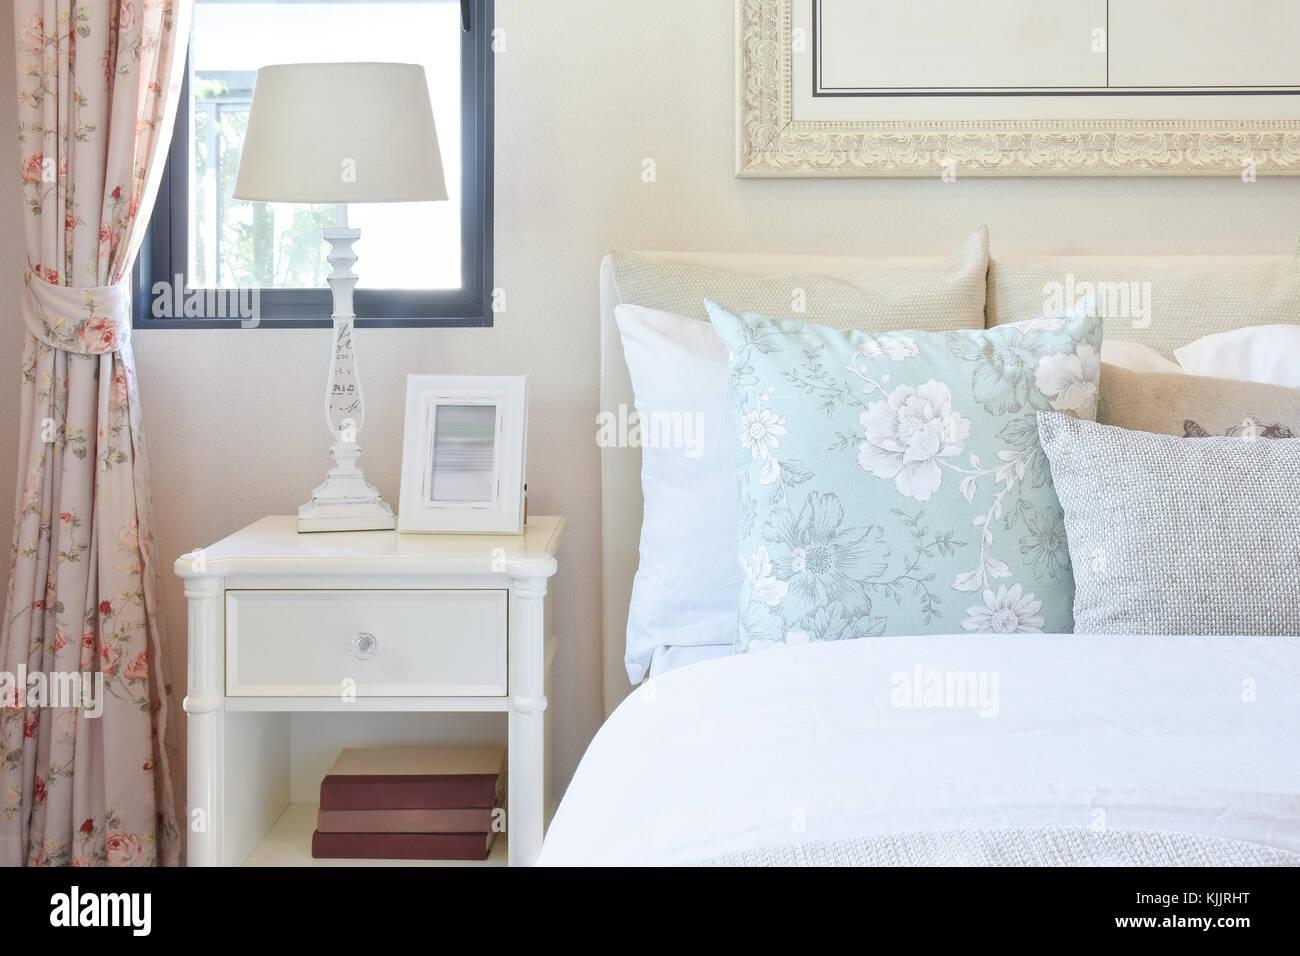 Camera da letto vintage interno con lampada da lettura e cornice